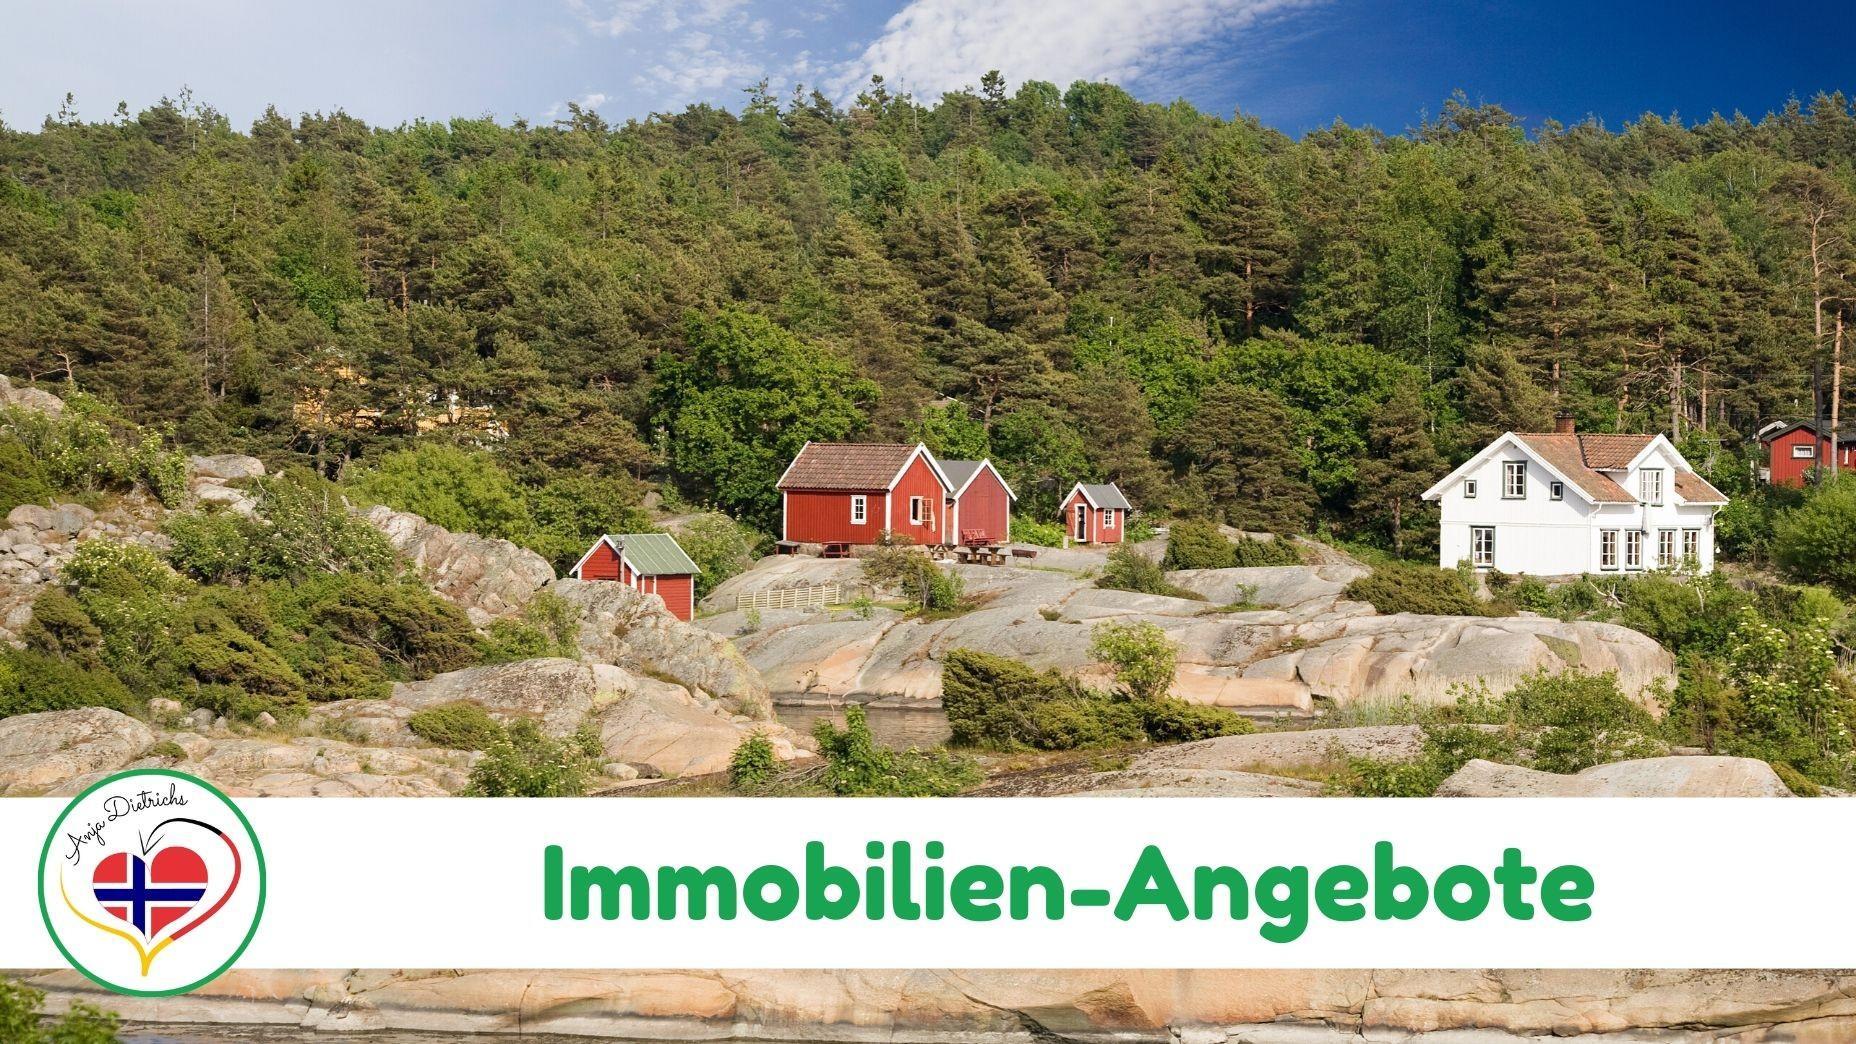 Immobilien-Angebote in Norwegen